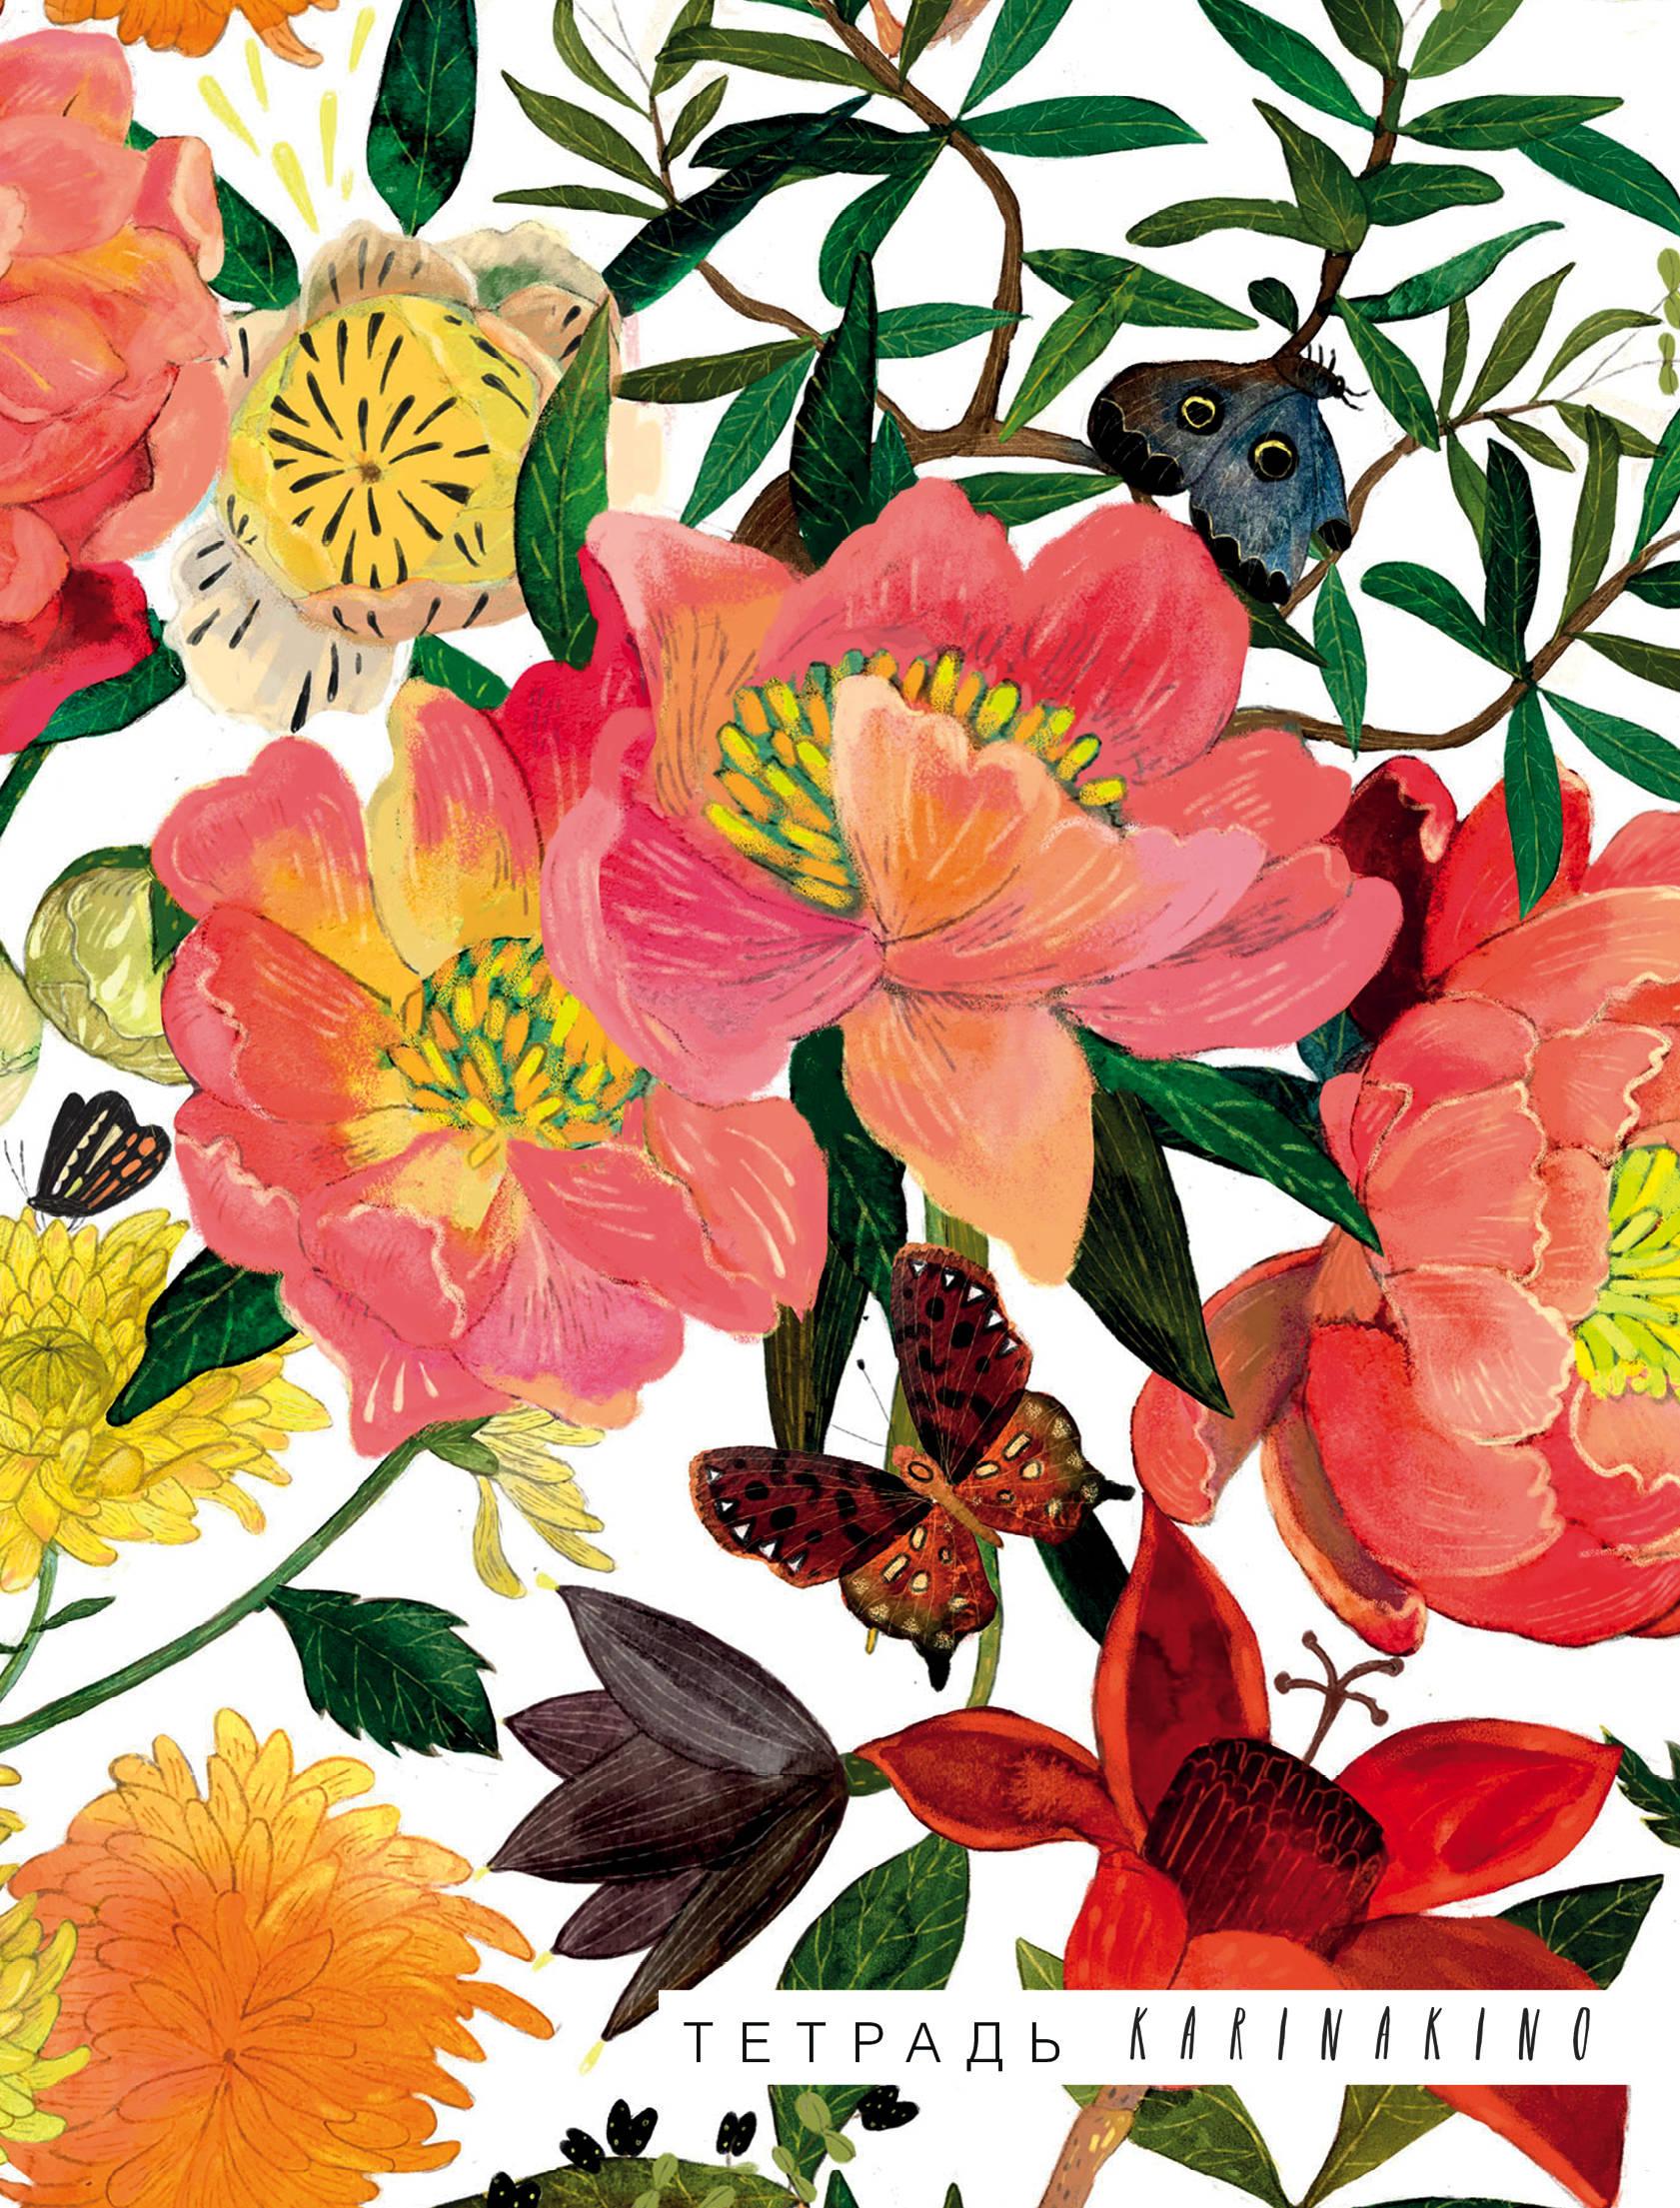 Карина Кино. Цветы. Тетрадь (B5, 40 л., УФ-лак)